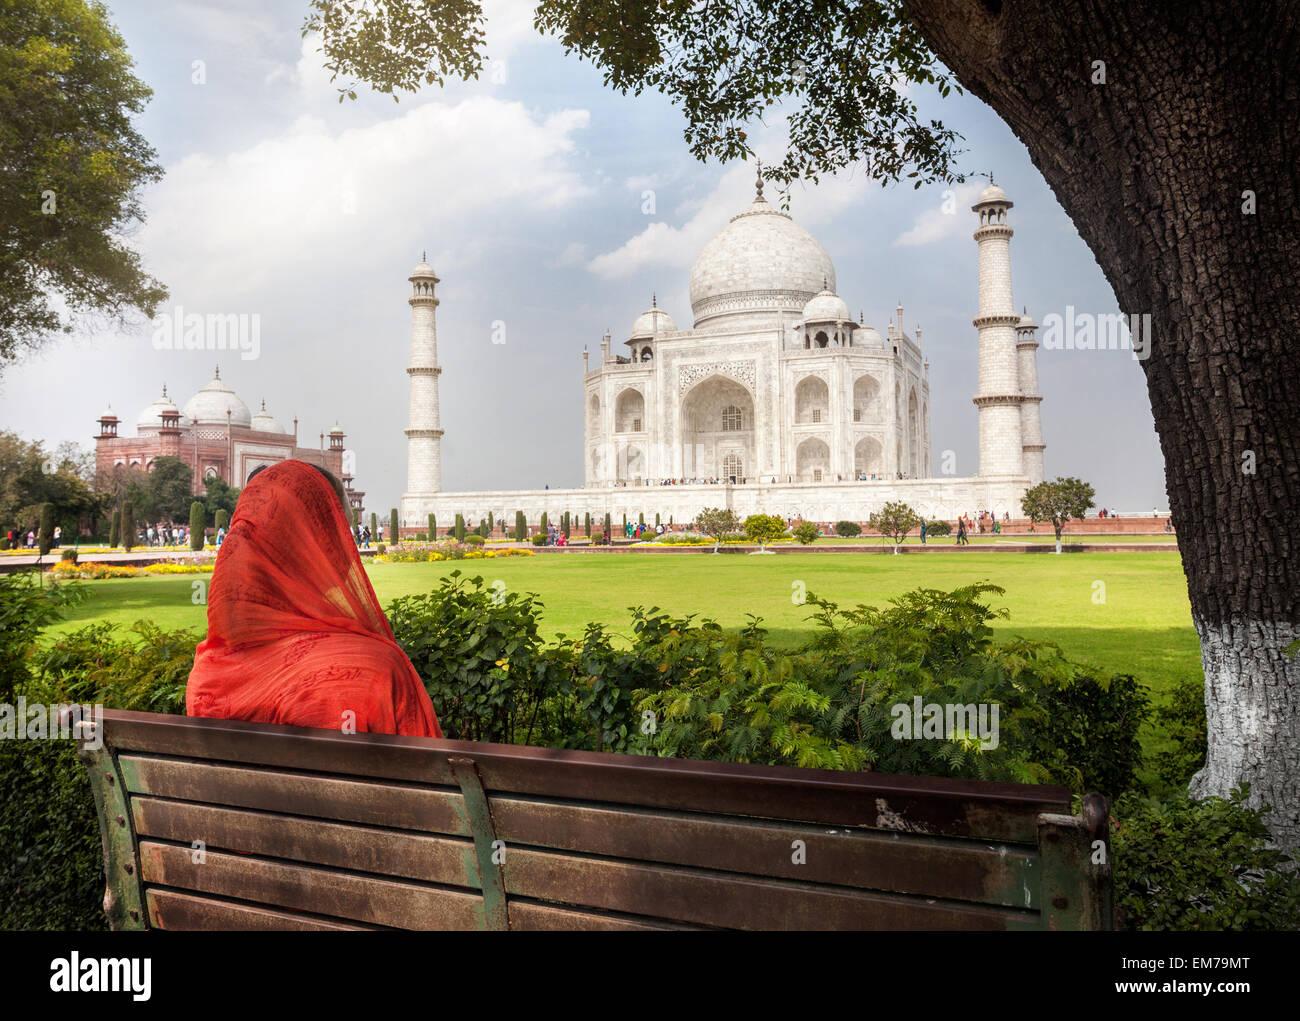 La donna in sciarpa rossa seduta sul banco in ombra e guardando al Taj Mahal di Agra, Uttar Pradesh, India Immagini Stock